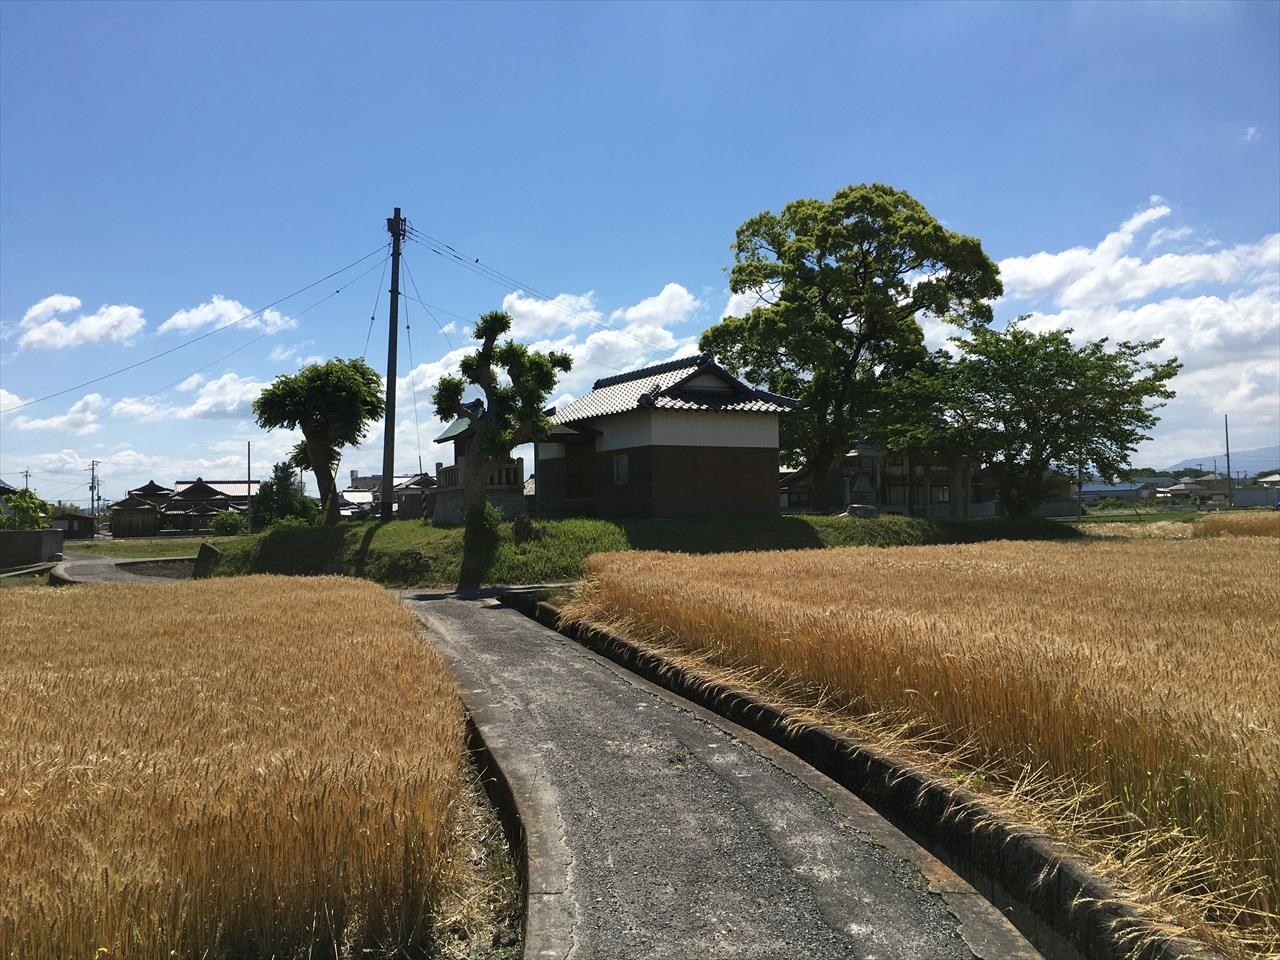 日本社会の外国人排斥は、「ふつーの日本人」たちのデフォルトではないだろうか